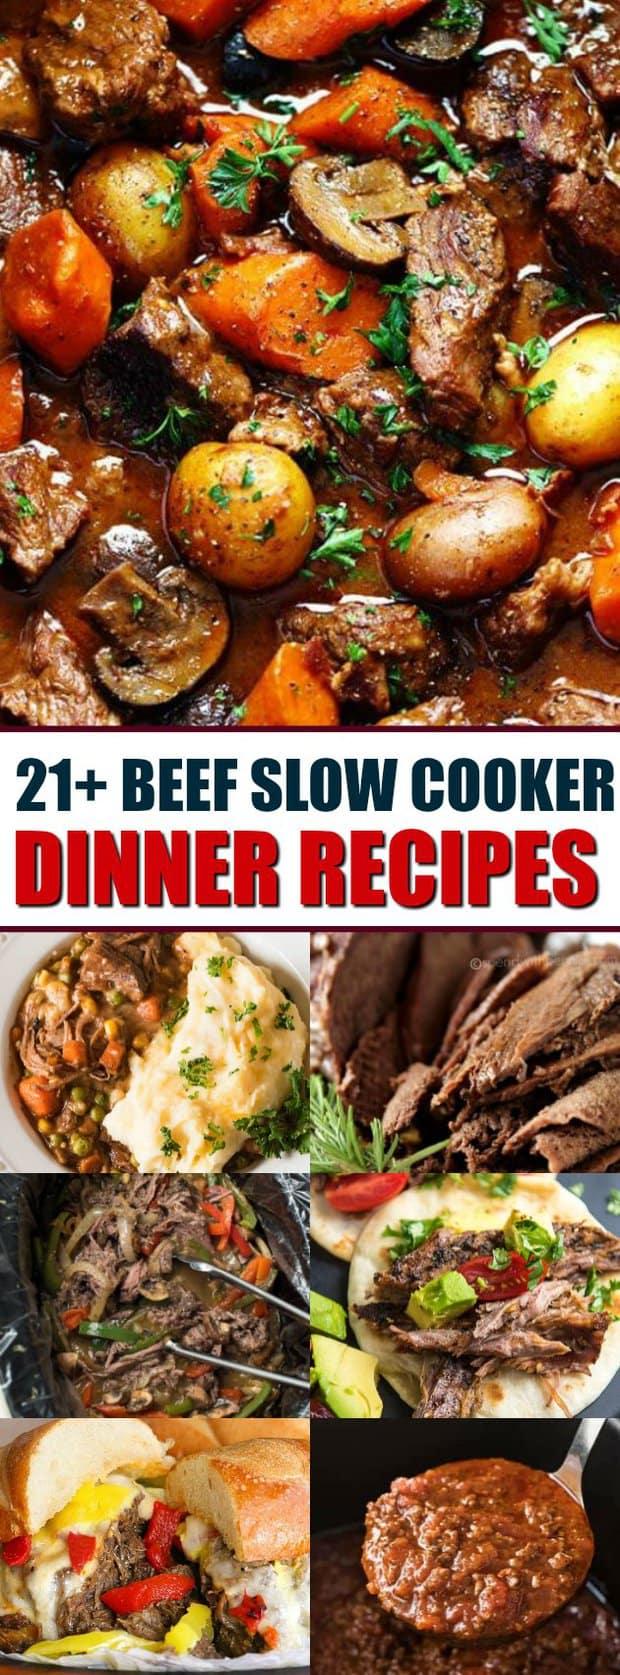 21+ recettes de dîner de boeuf mijoteuse